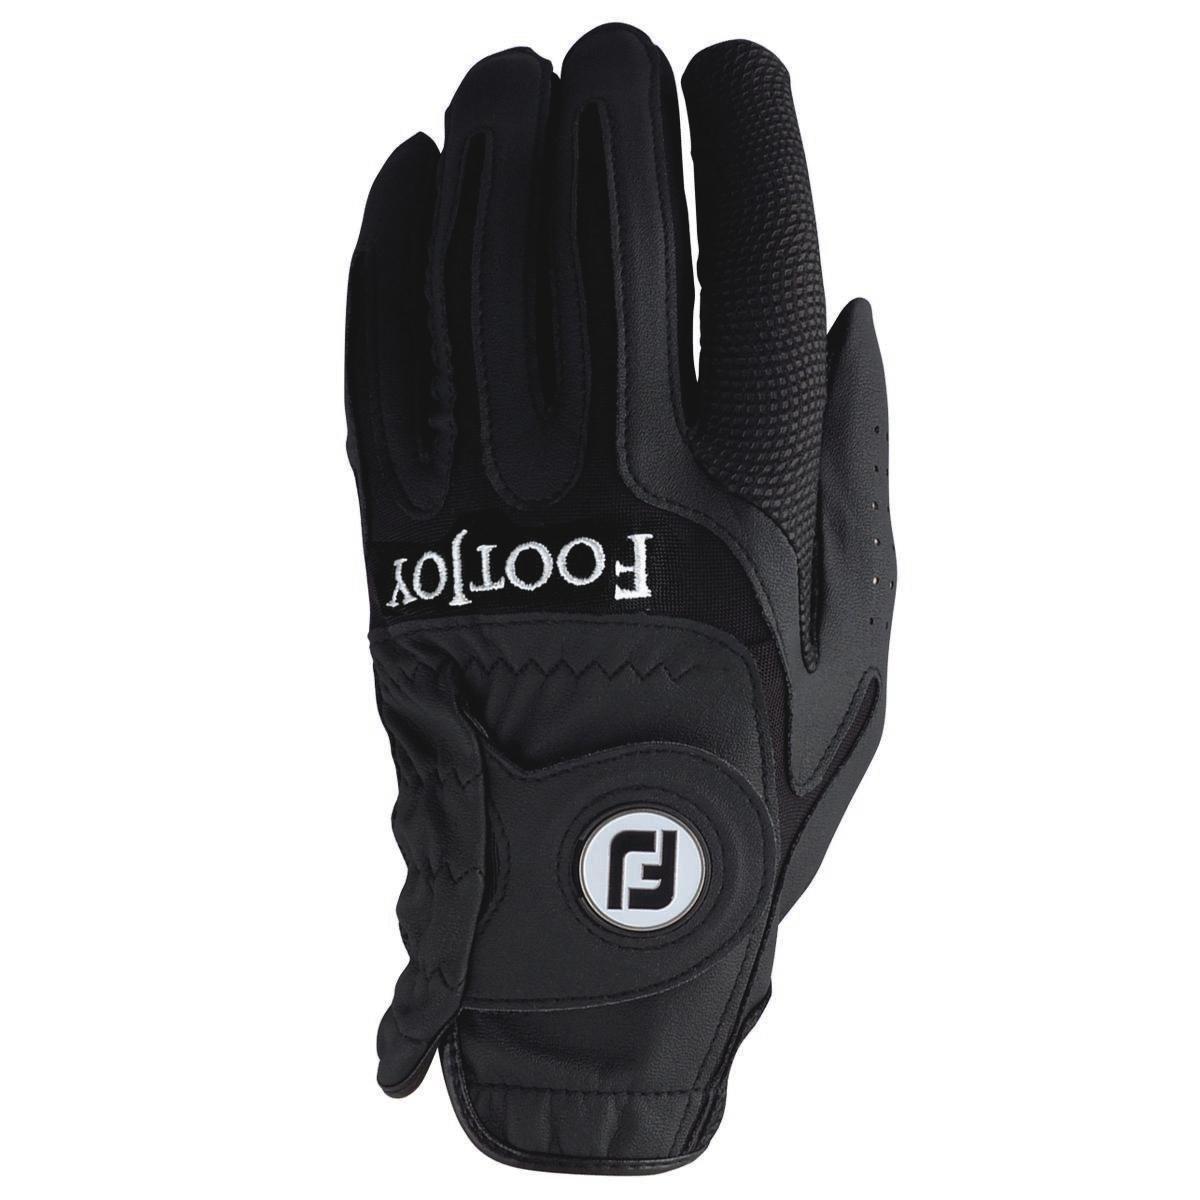 FootJoy FJ golfová rukavice GTX Velikost: Levá XL